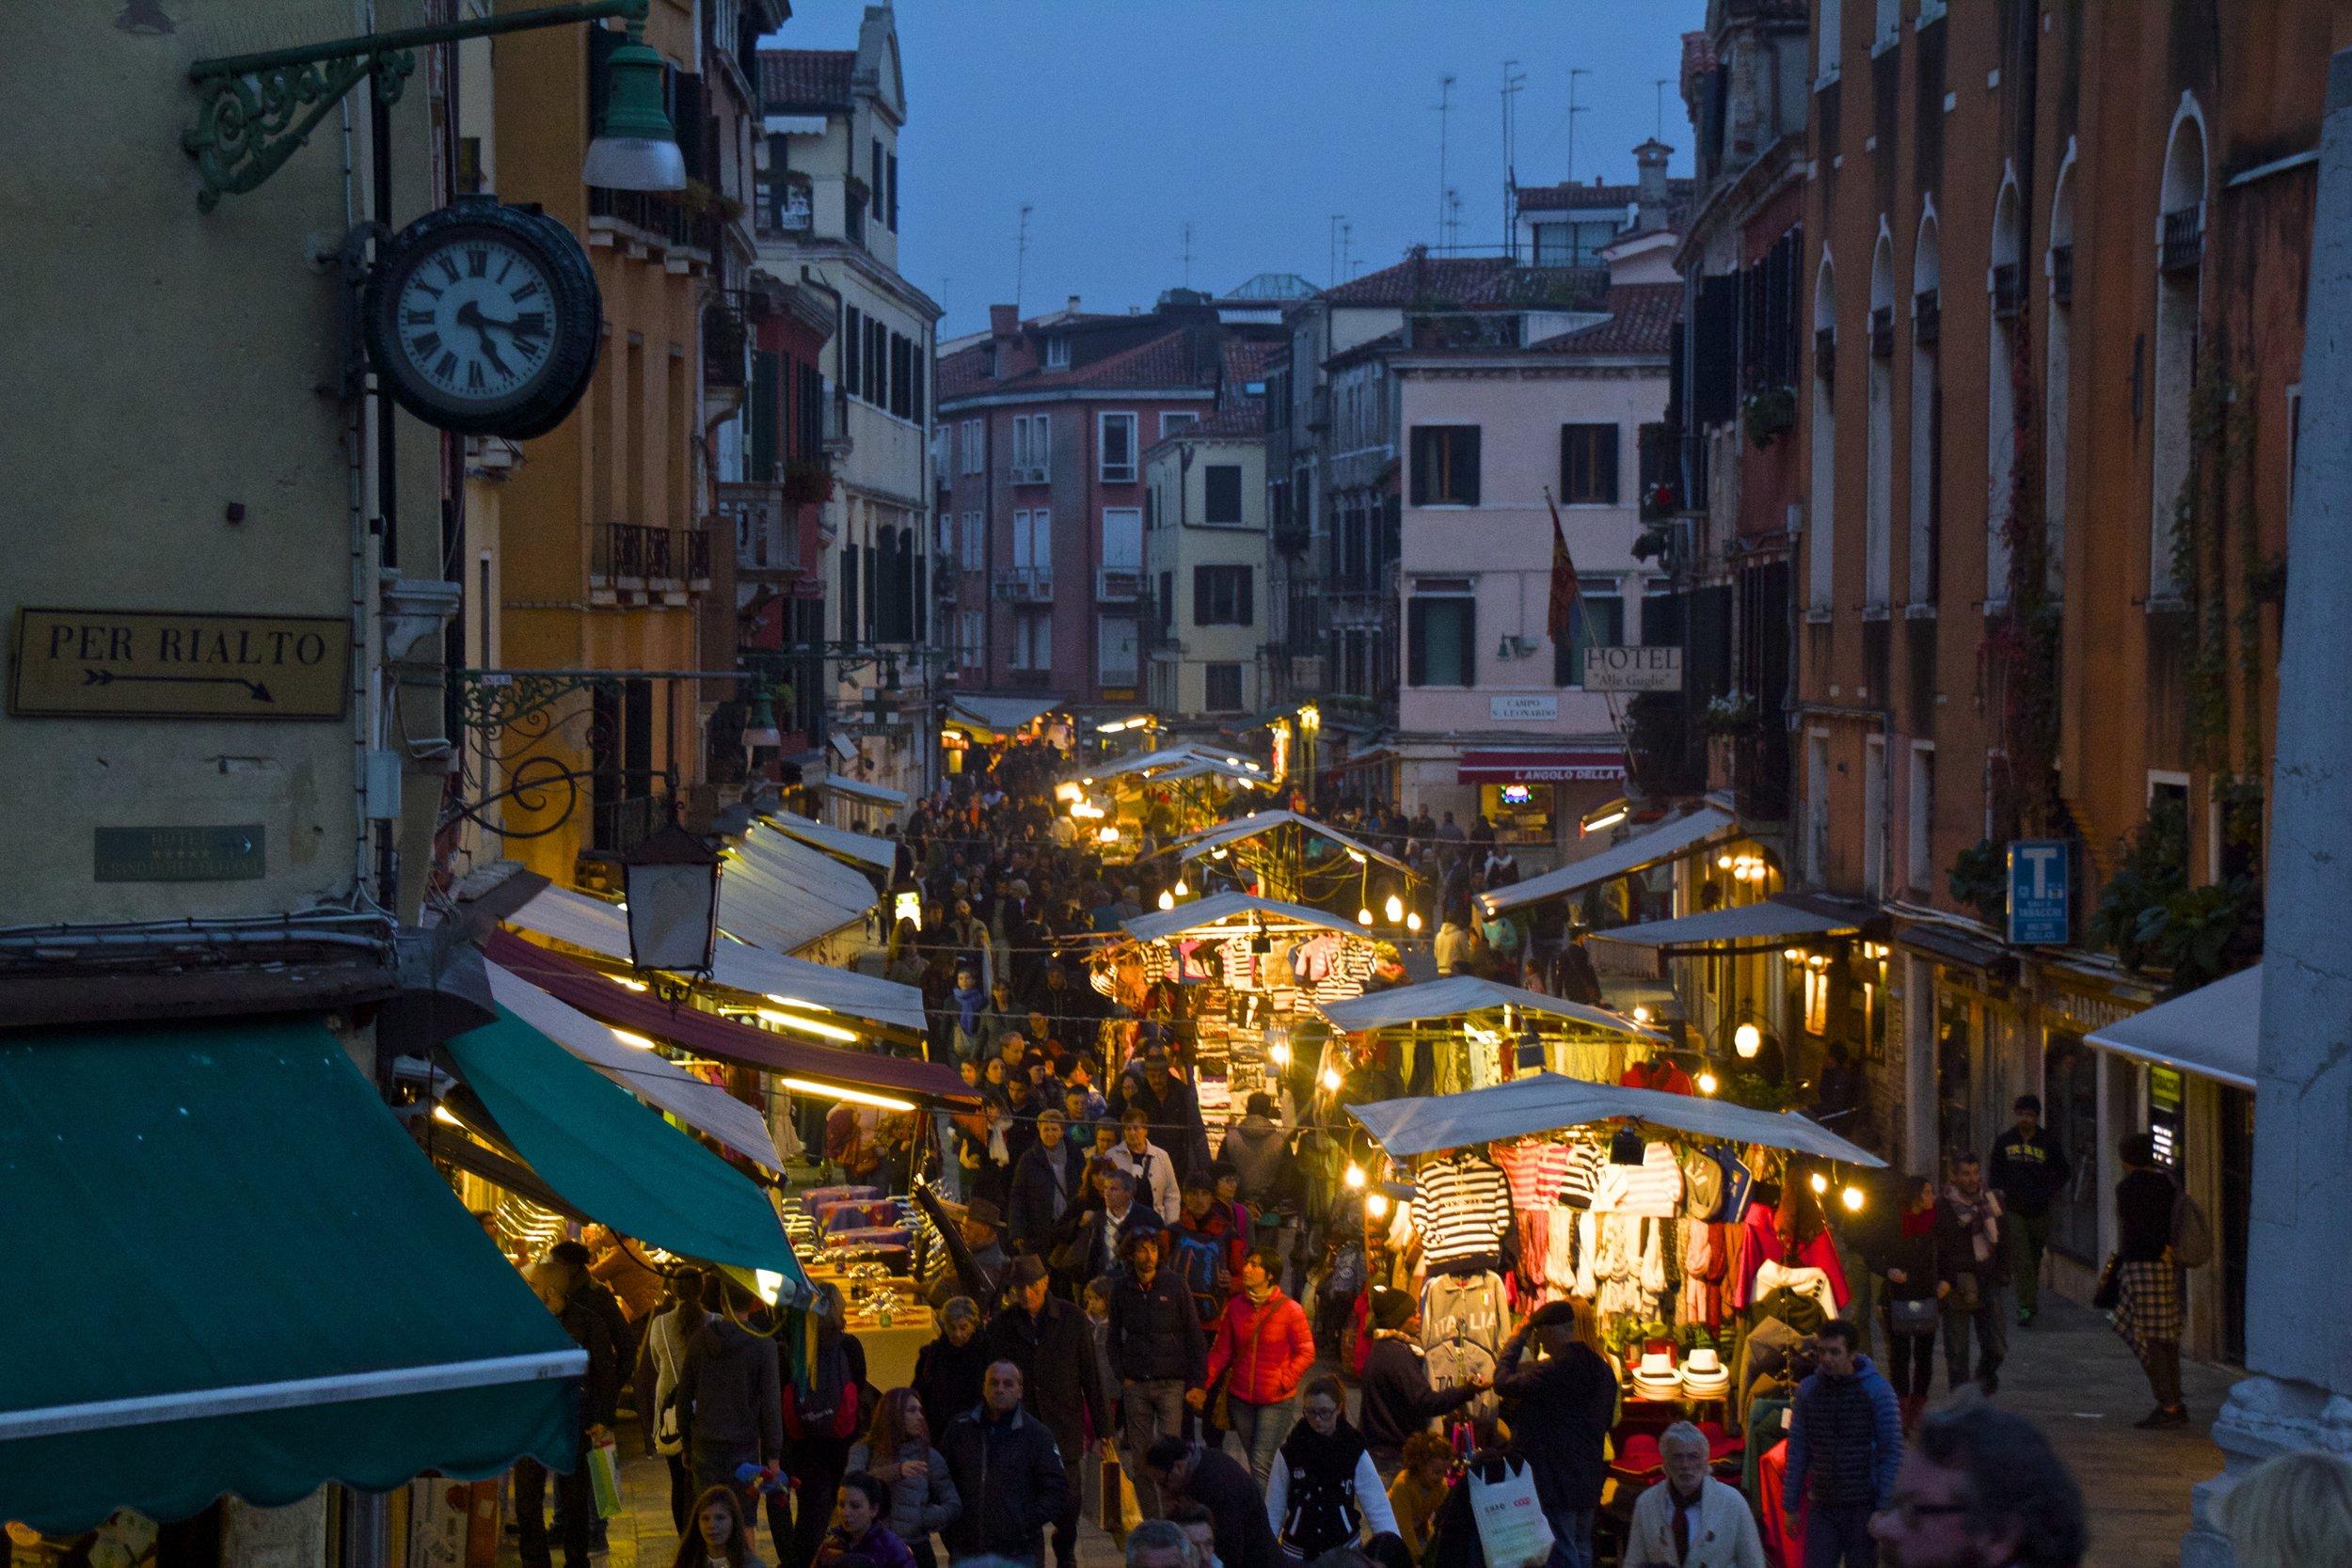 venice venezia veneto italy at night 5.jpg